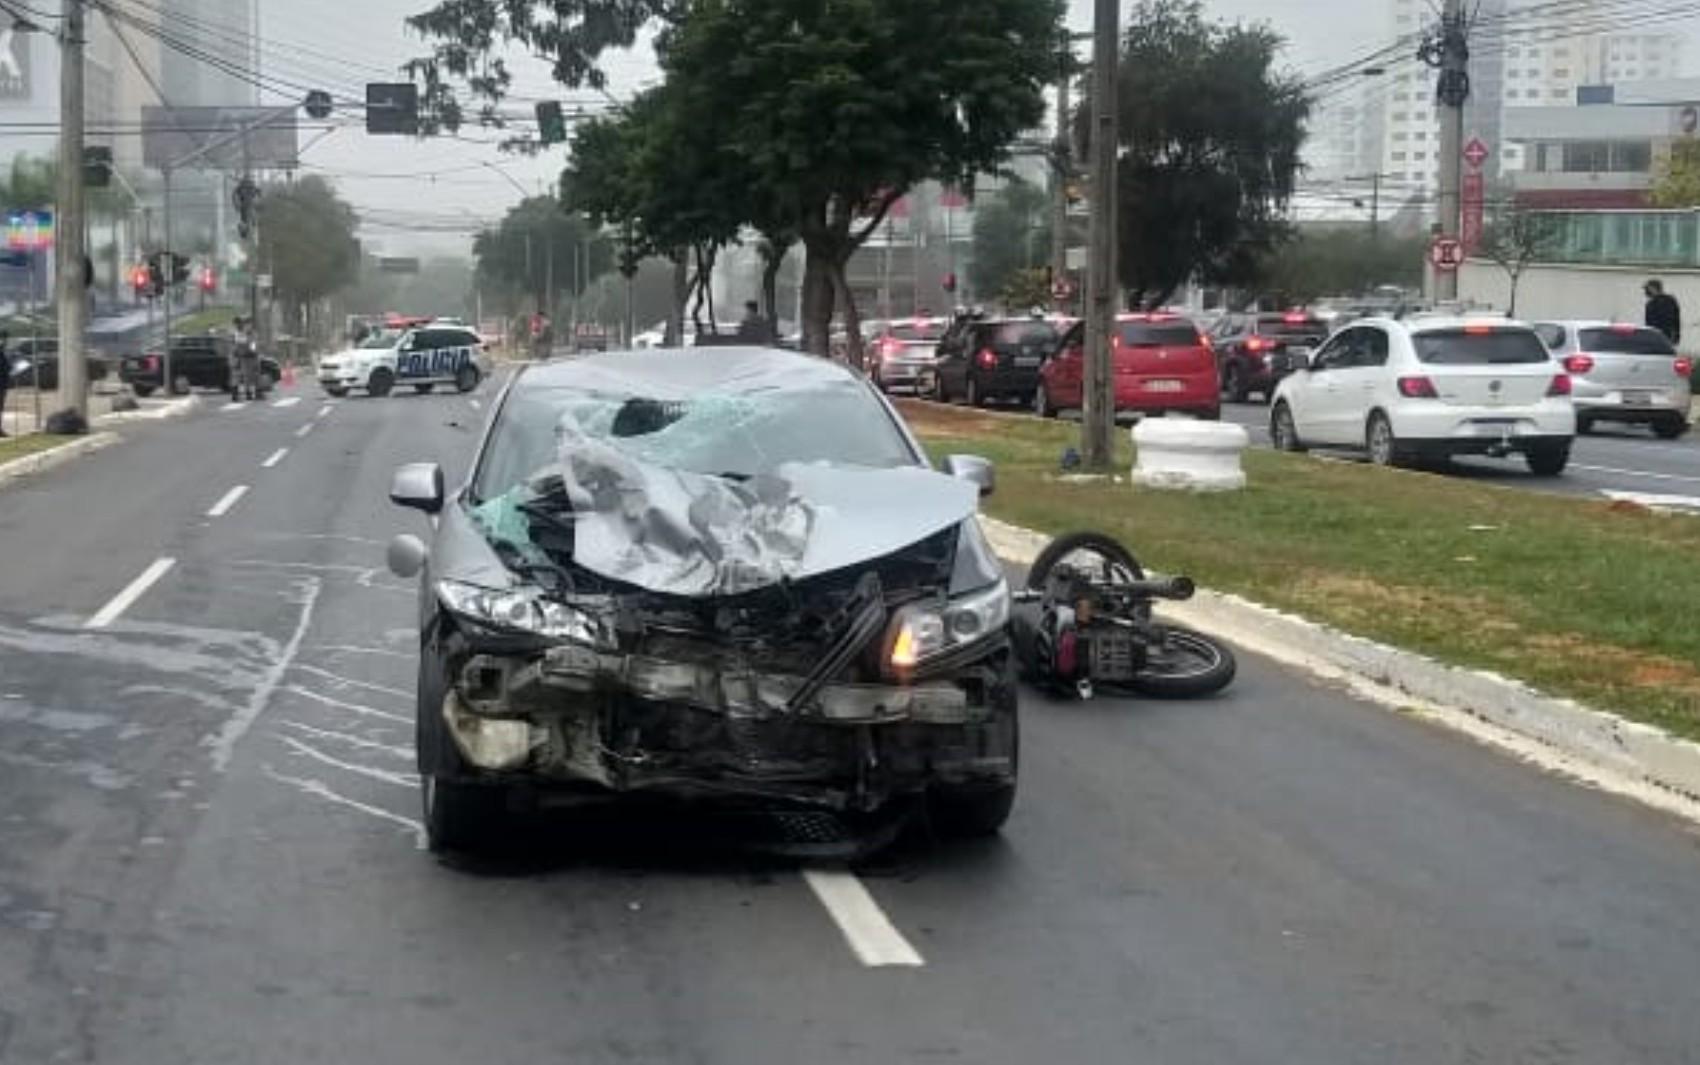 Motociclista morre após ser atingido por carro e moto ser arrastada por 40 metros em Goiânia, diz polícia